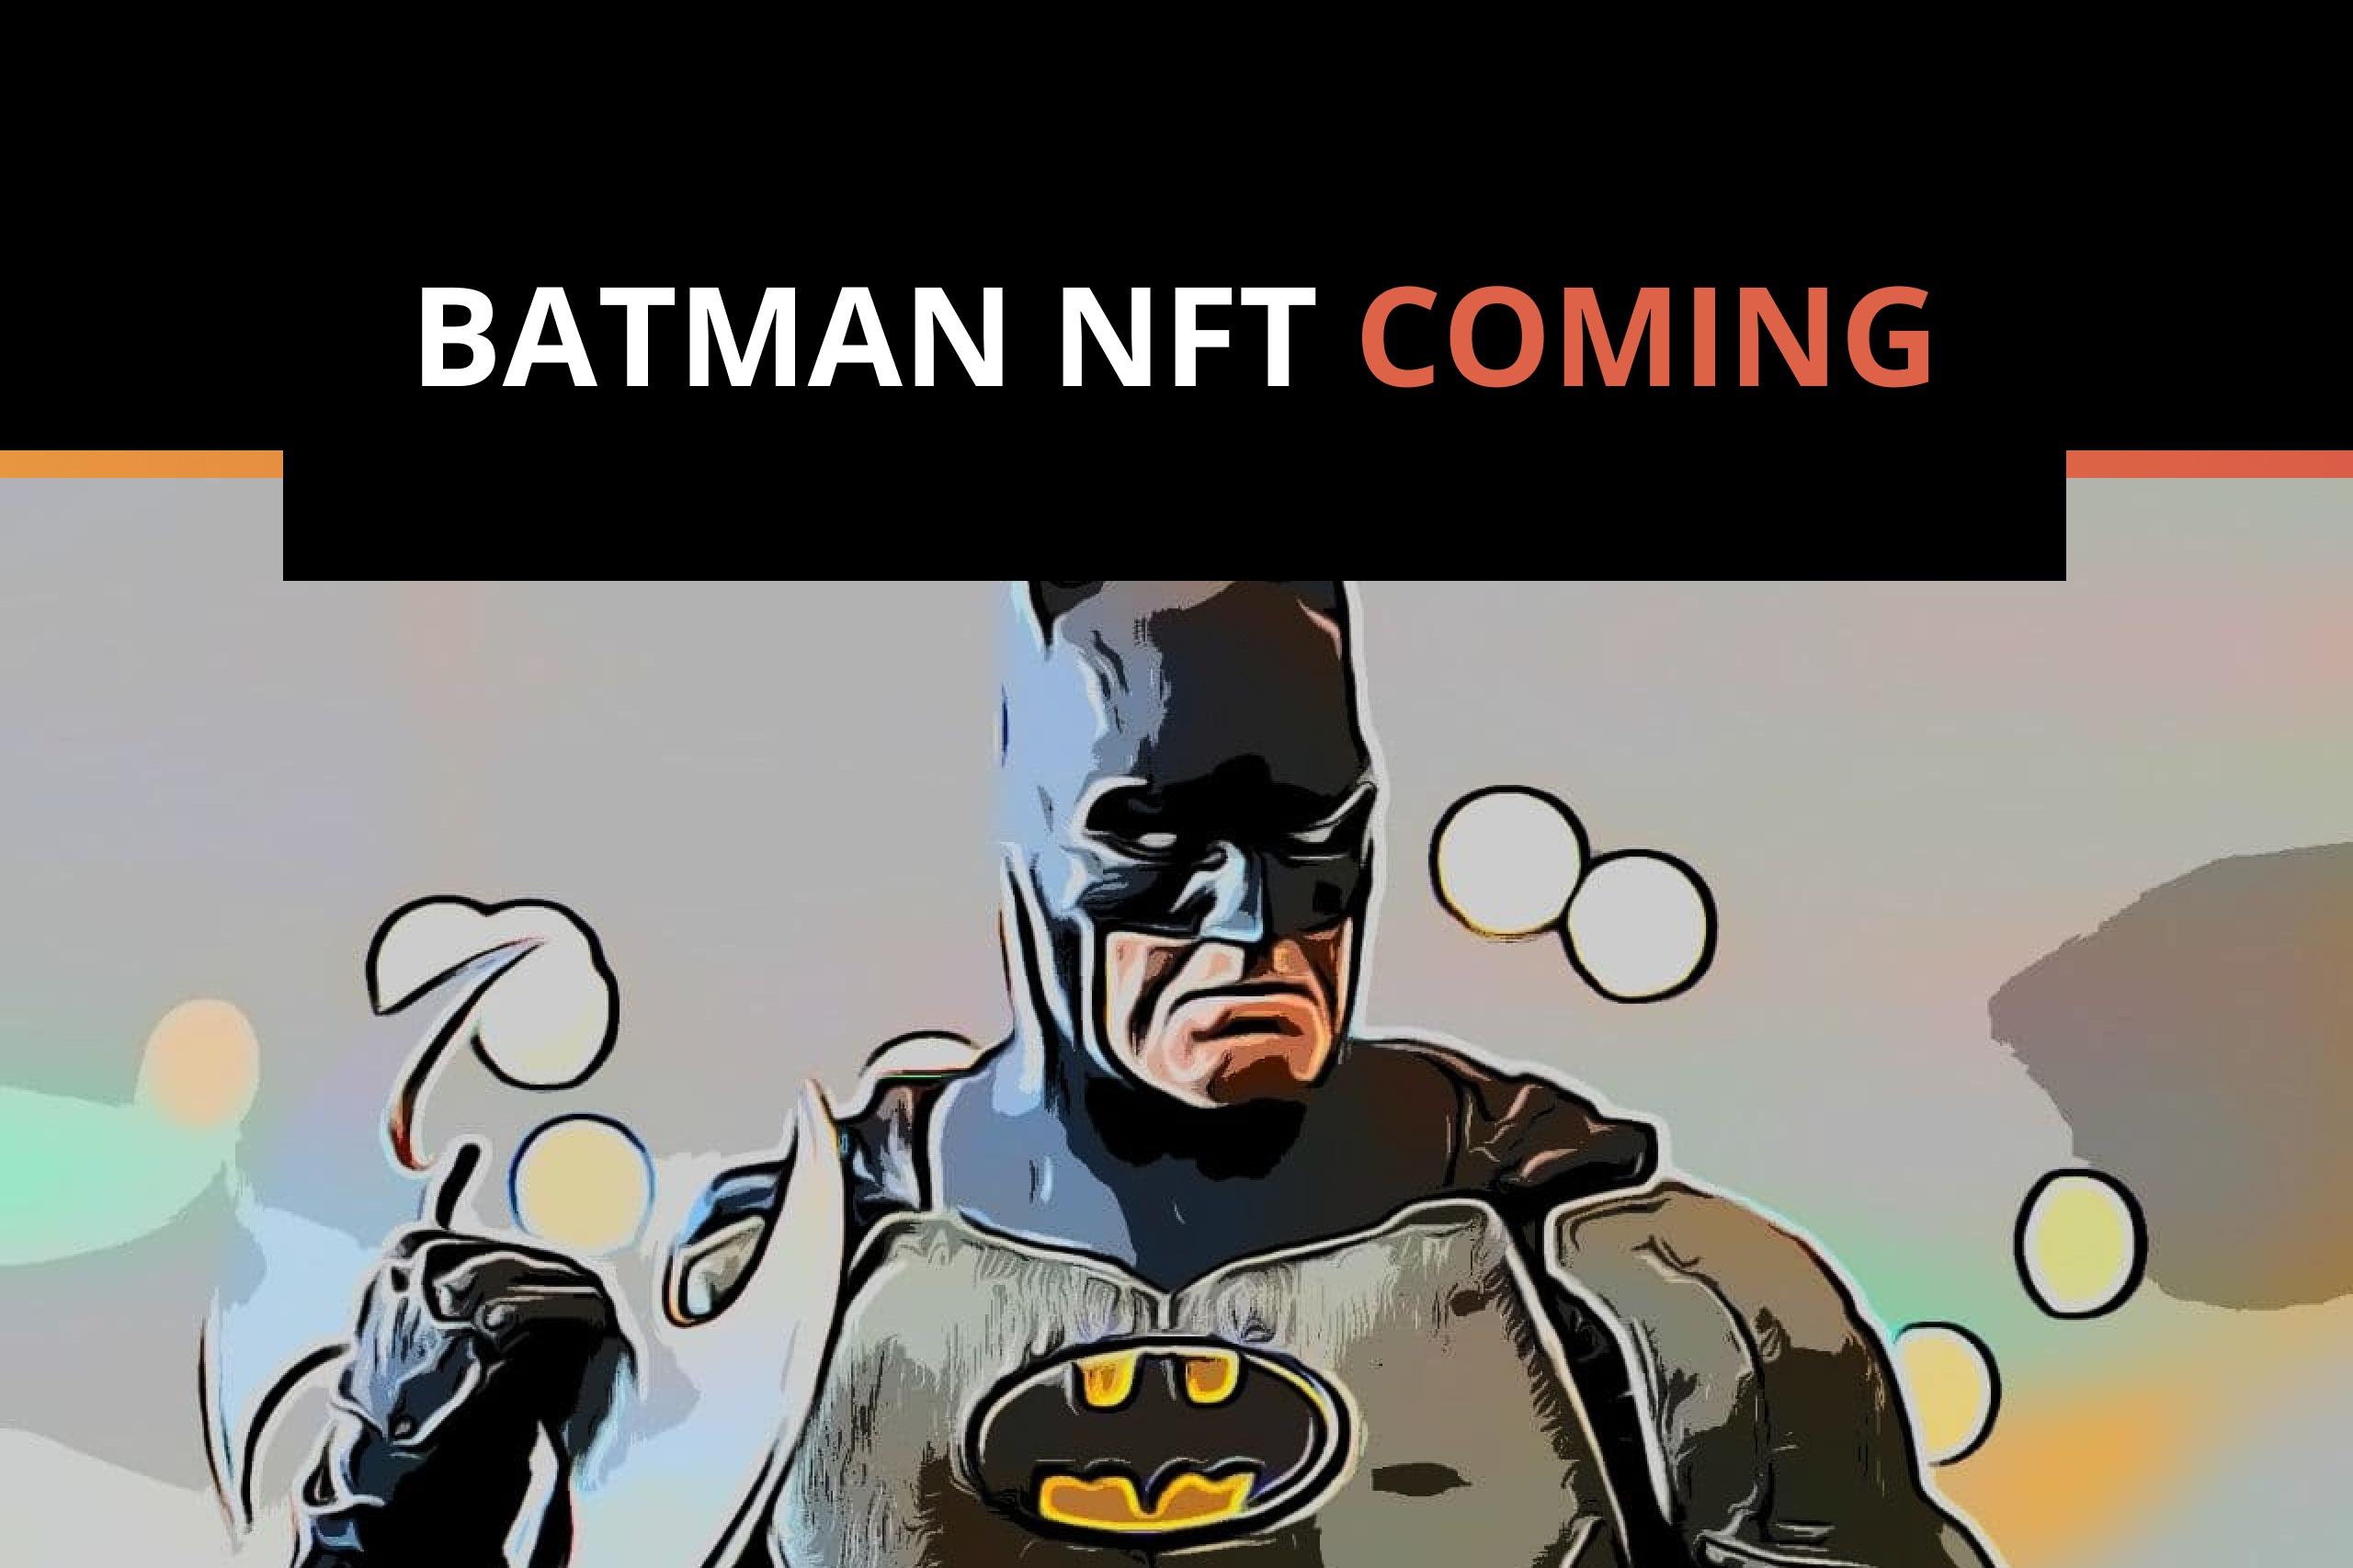 DC Comics Launches Batman NFT Collection